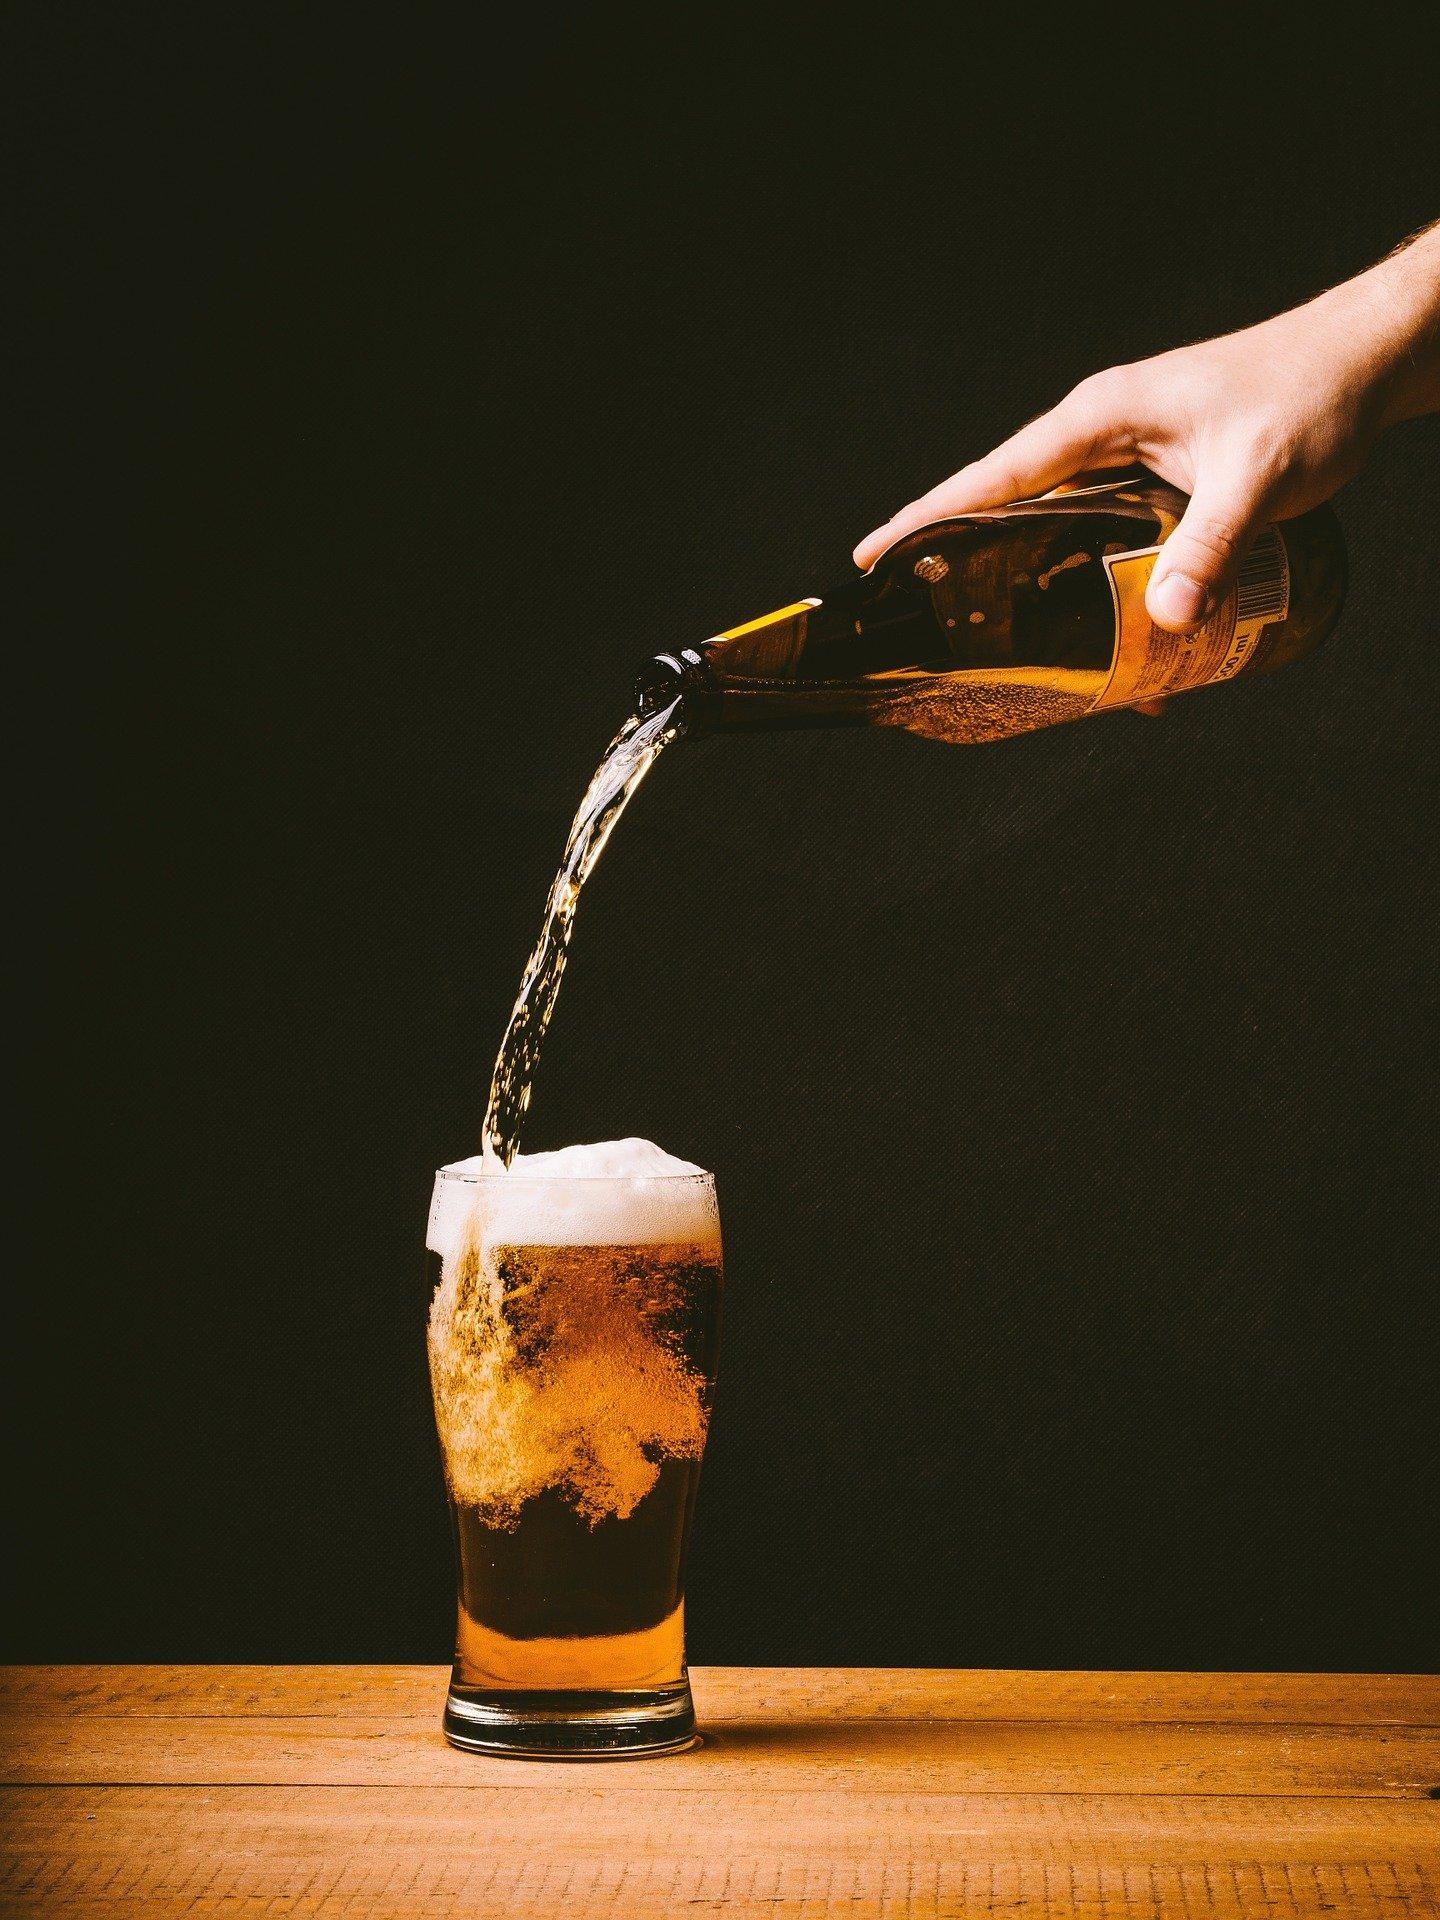 Quel est le pourcentage de sucre dans une bière?